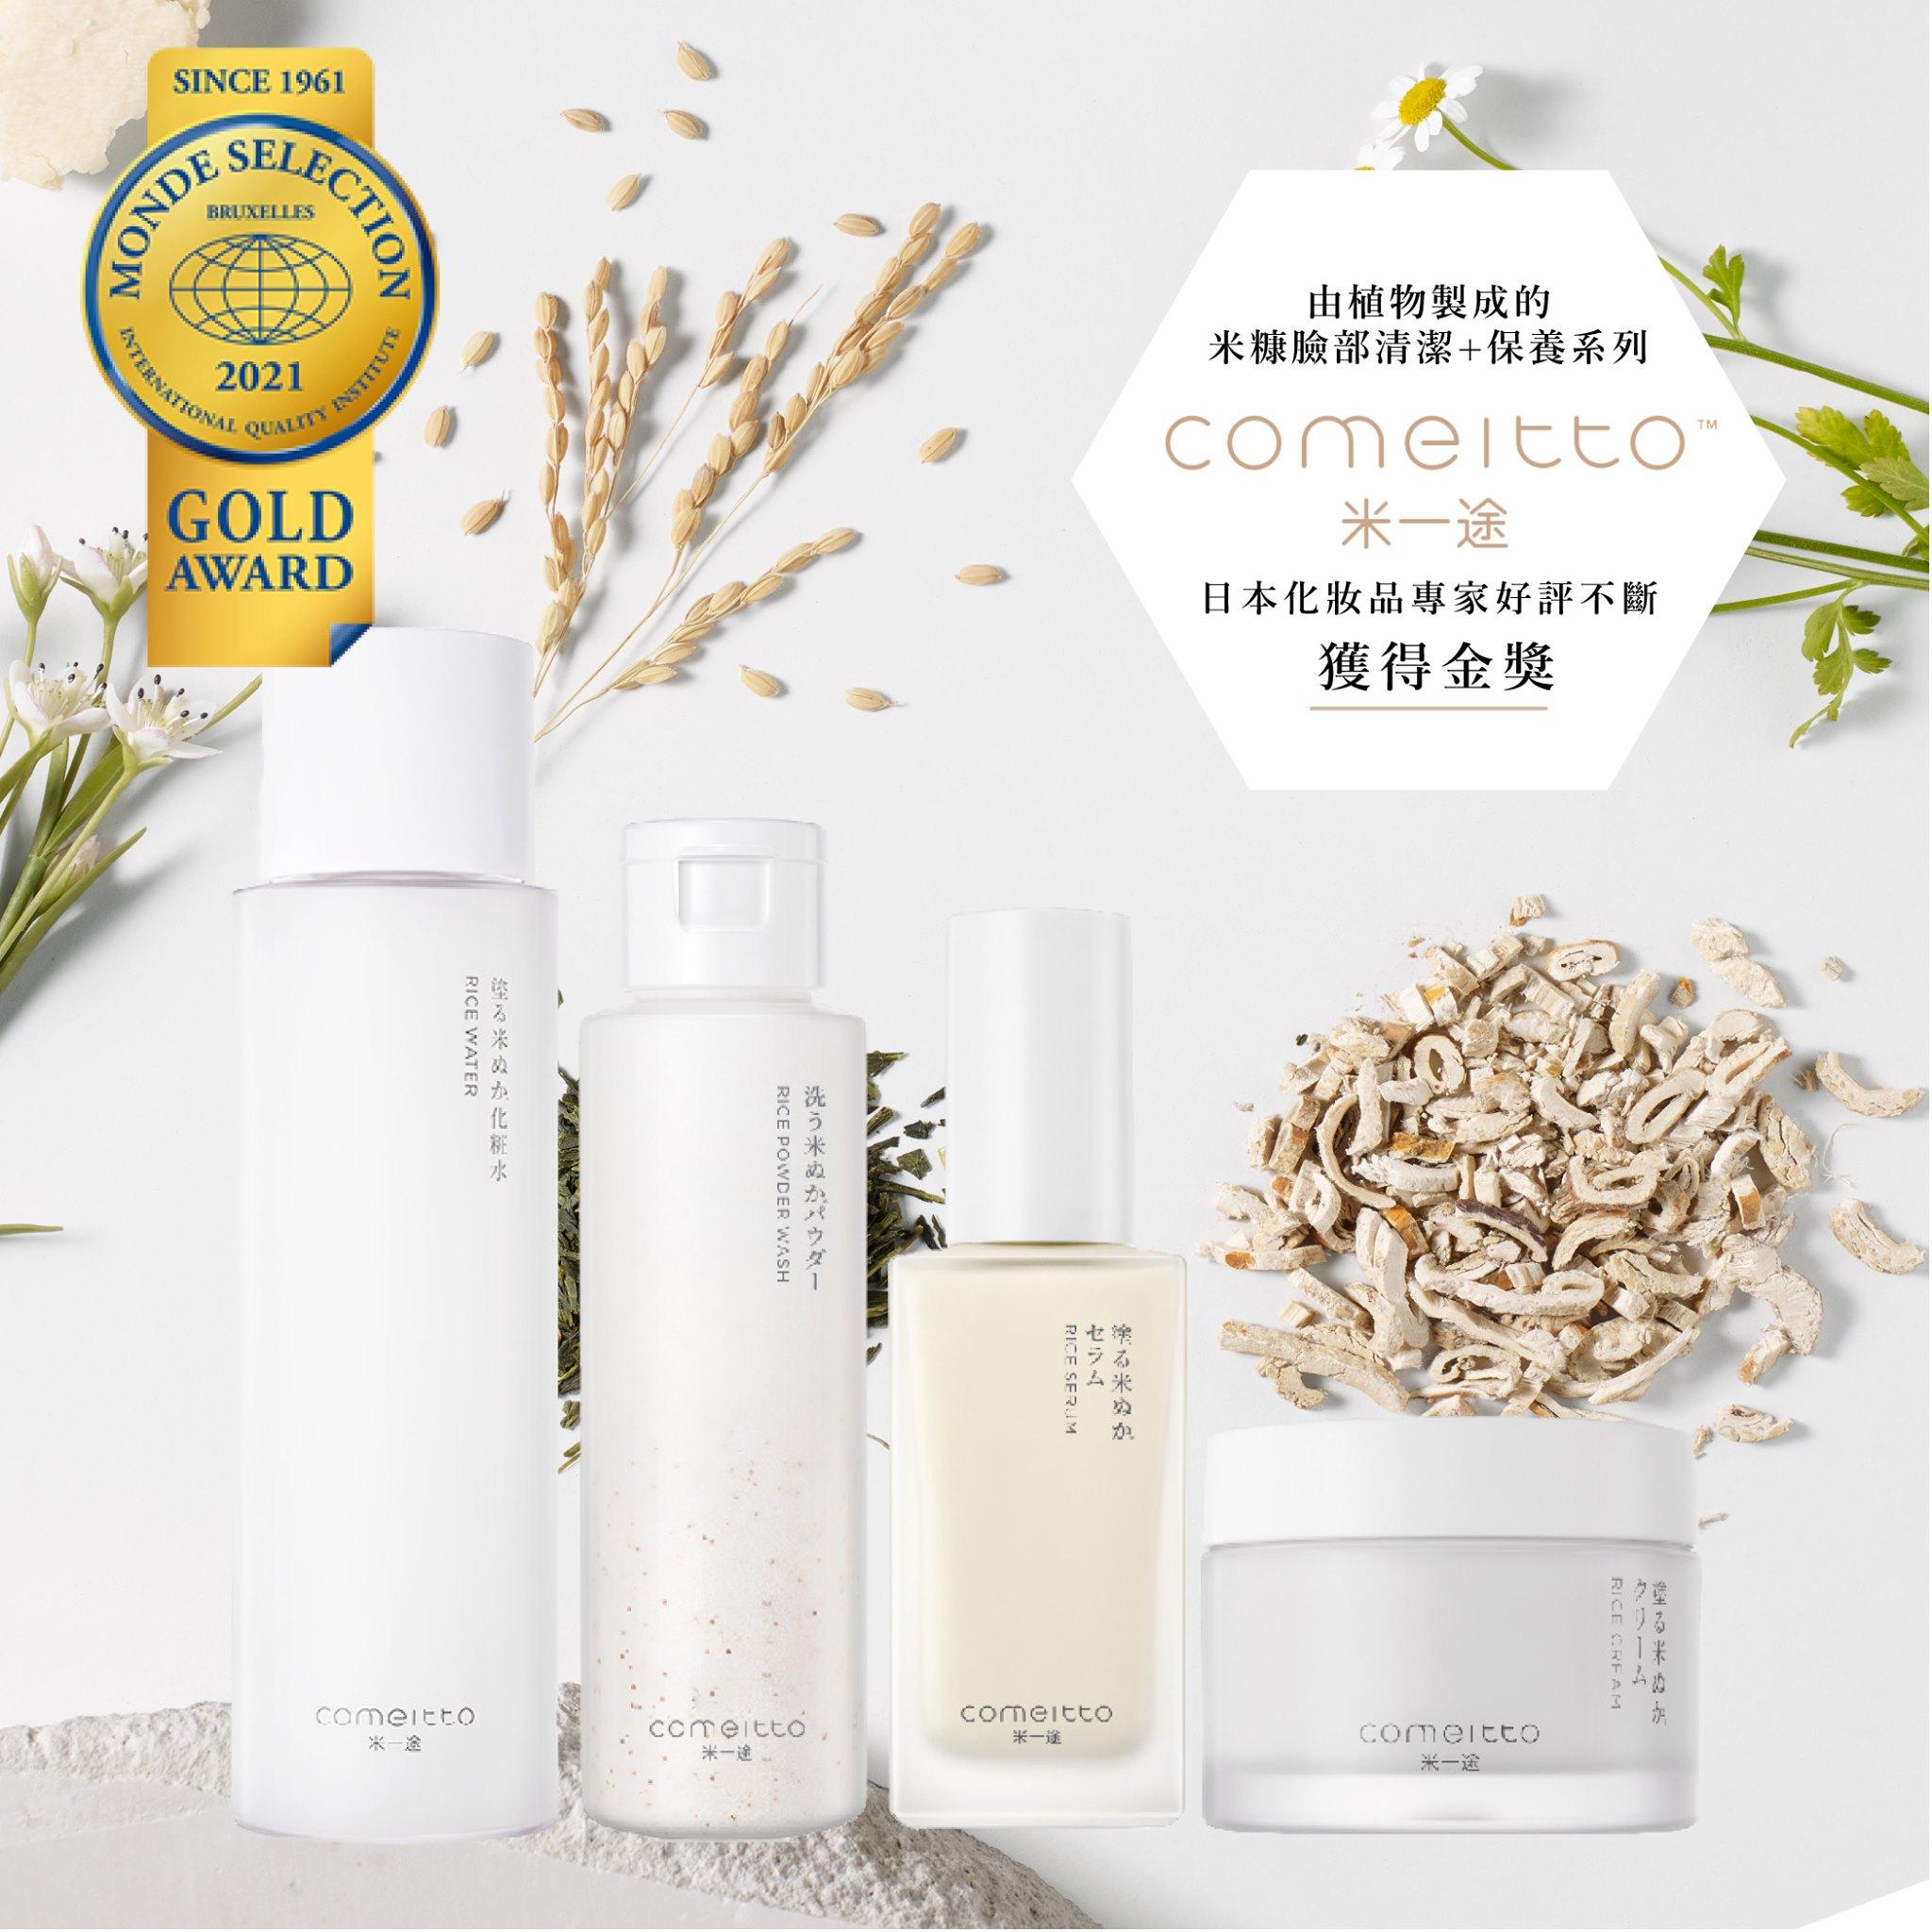 米一途系列商品-日本保養品推薦